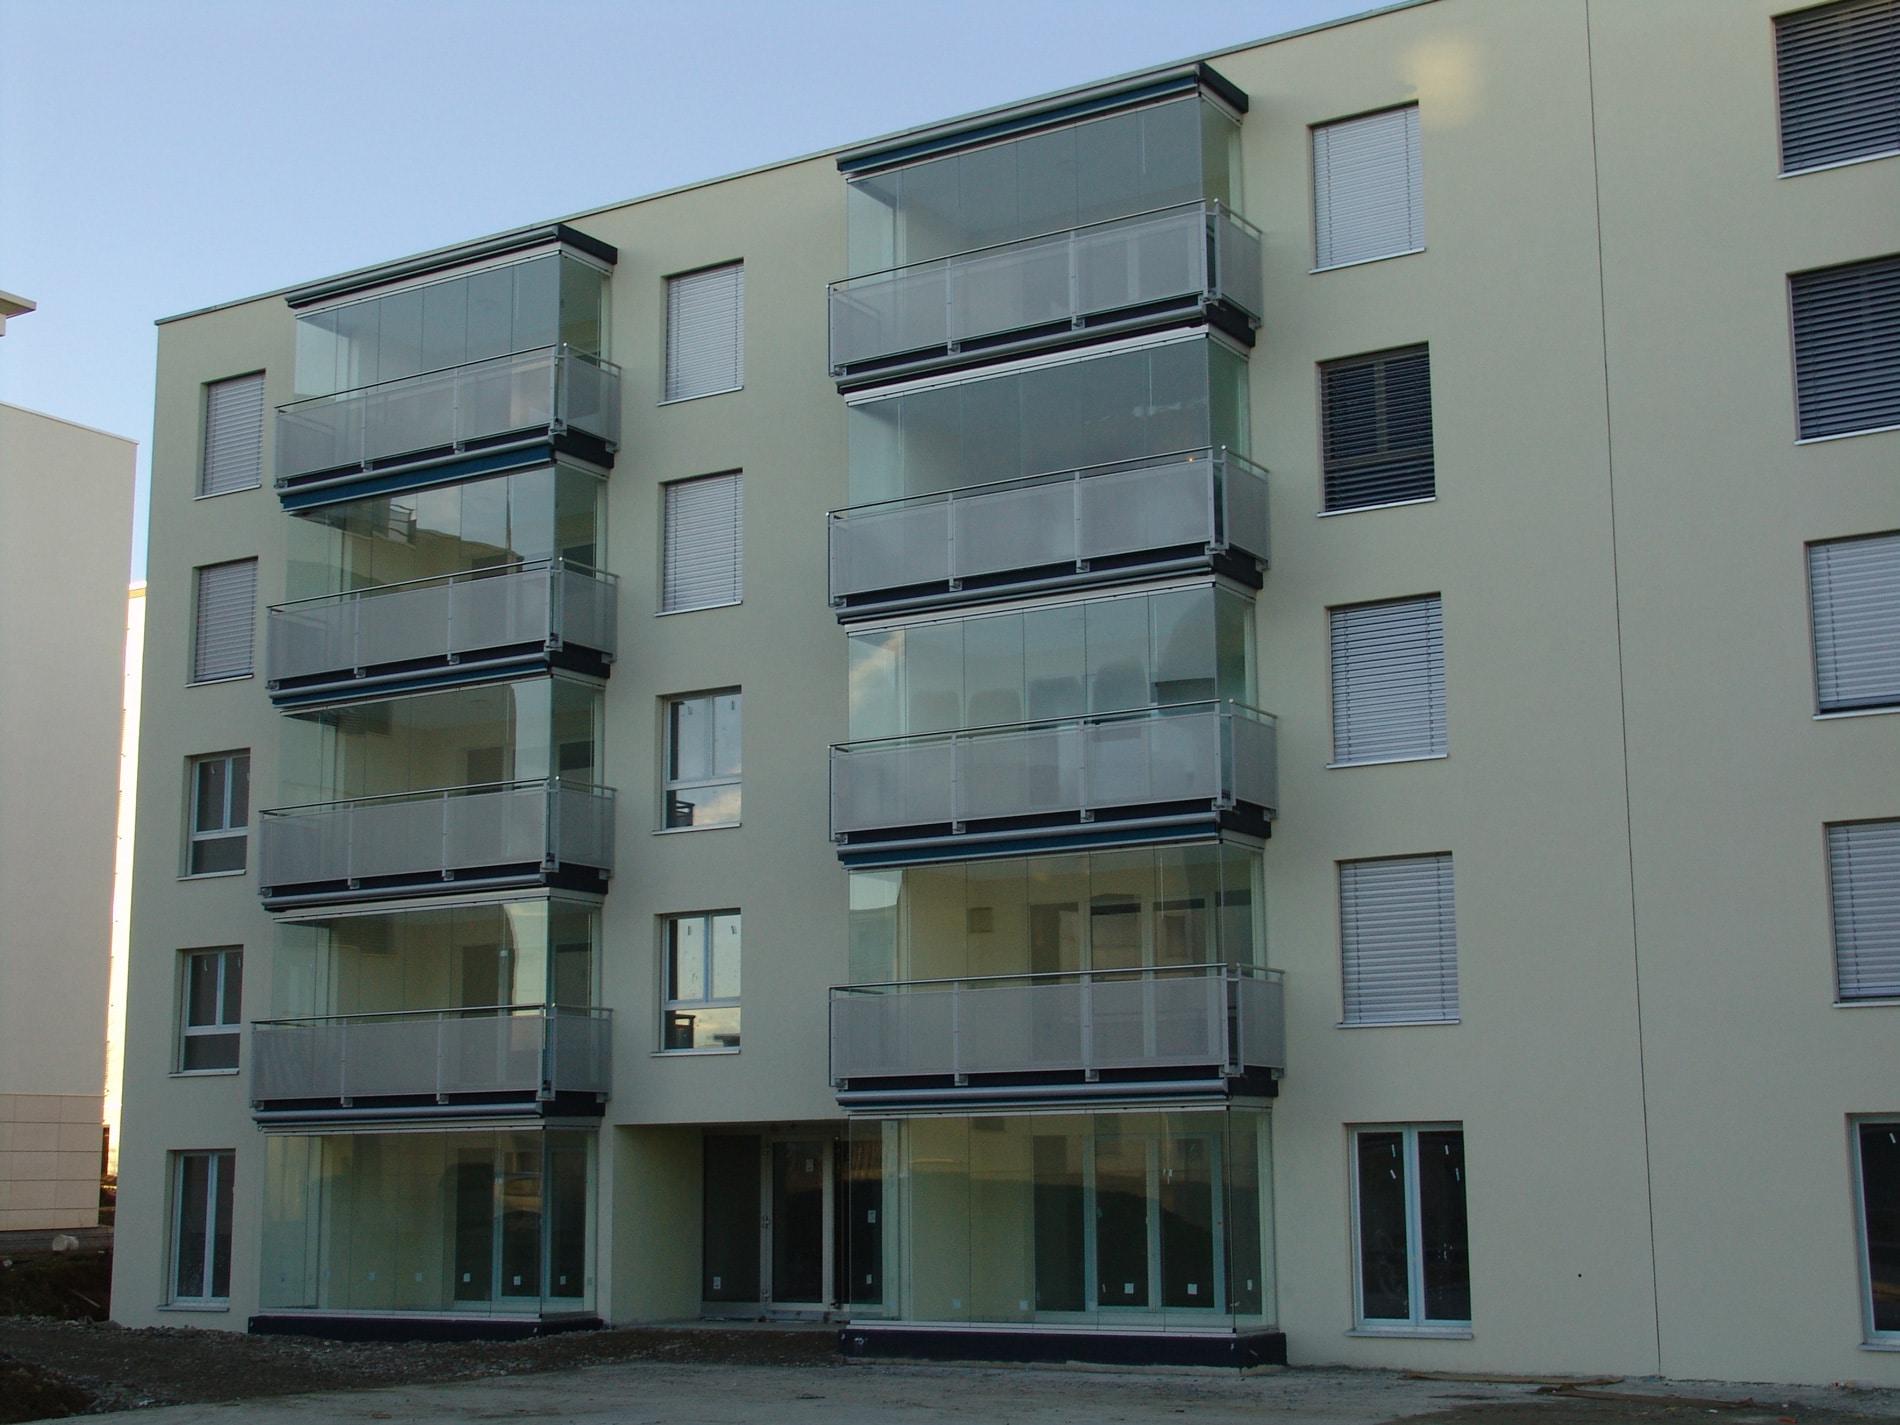 Loggia Verbauungen aus Glas öffenbar